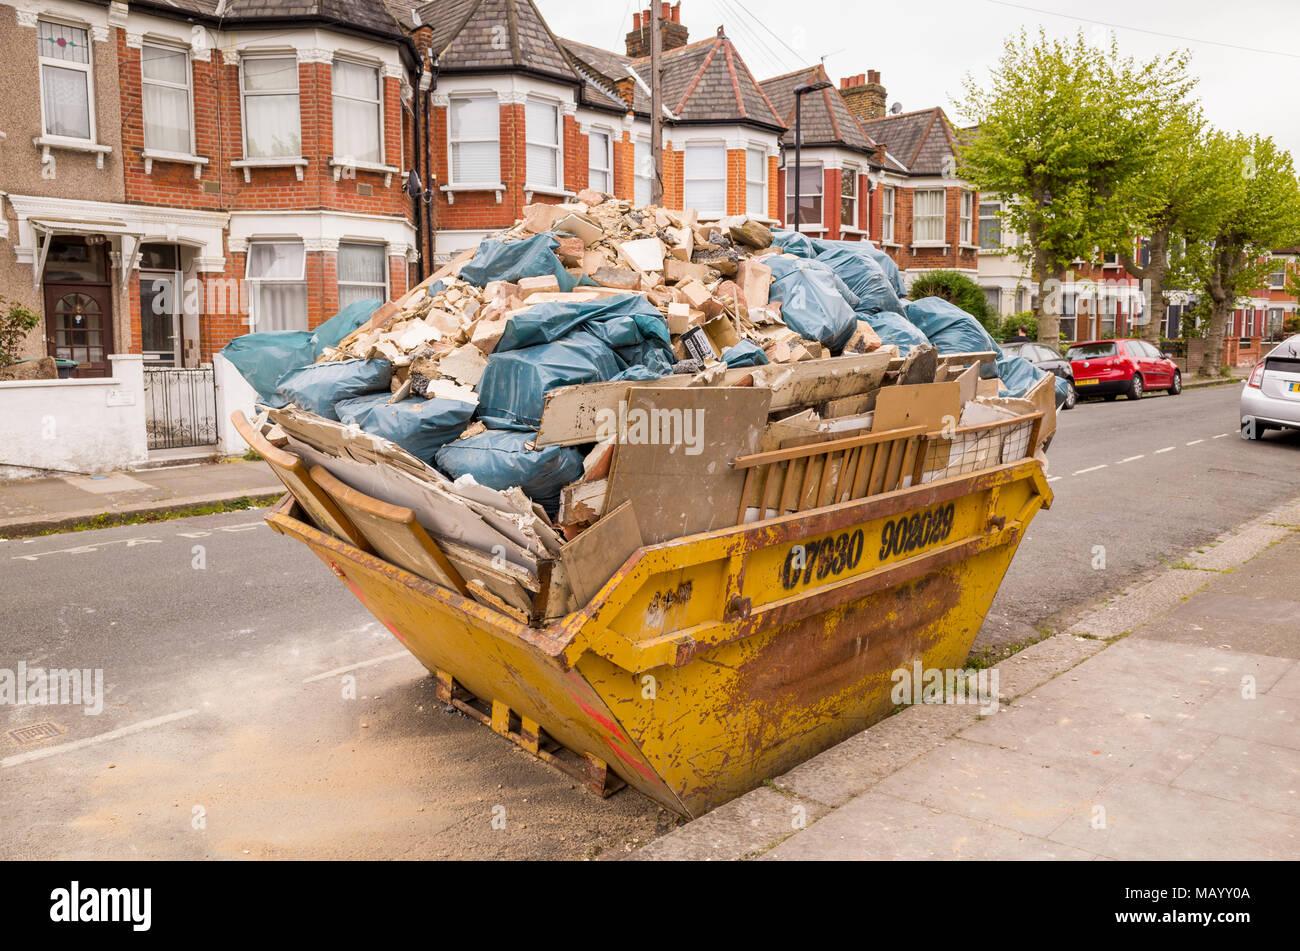 Builder's escombros en plena saltar en una calle de casas adosadas, Haringey, al norte de Londres, Reino Unido Imagen De Stock